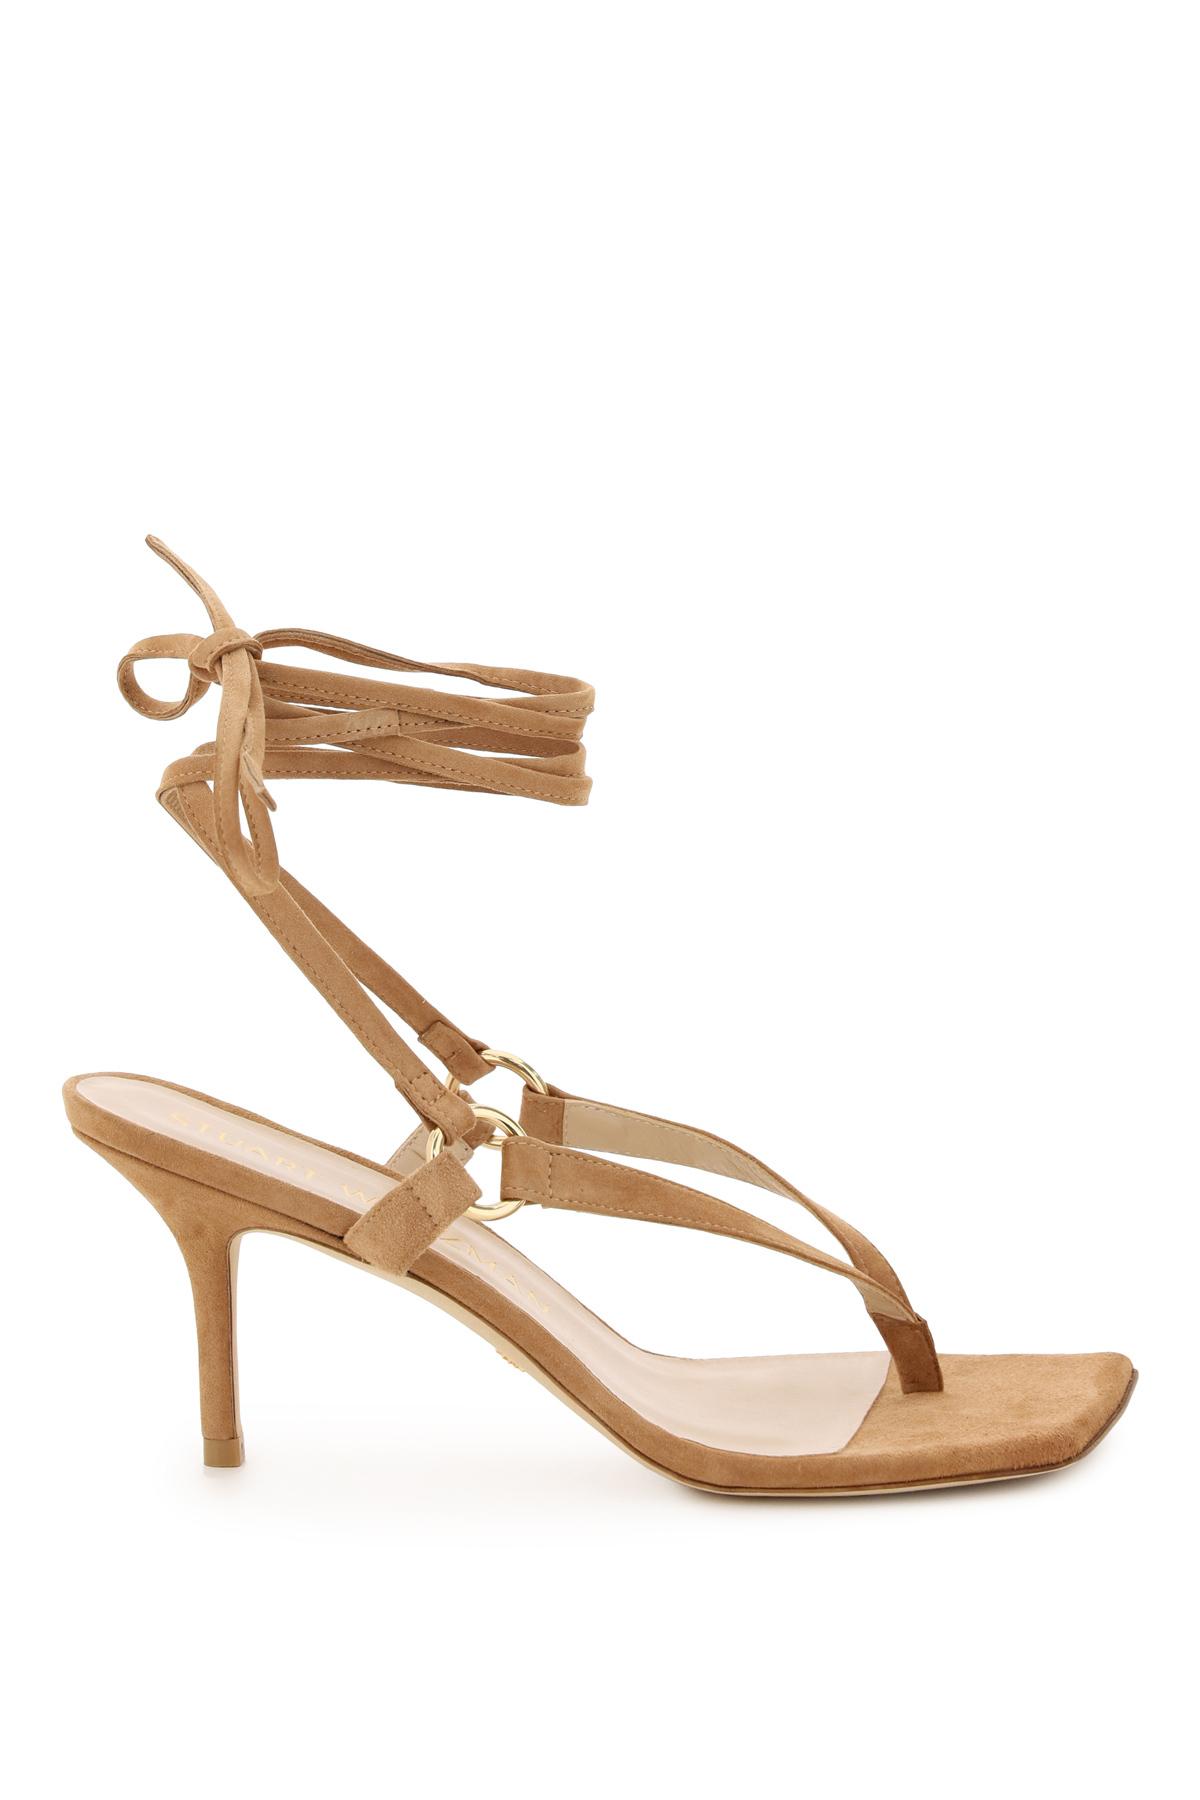 Stuart weitzman sandali suede lalita 75